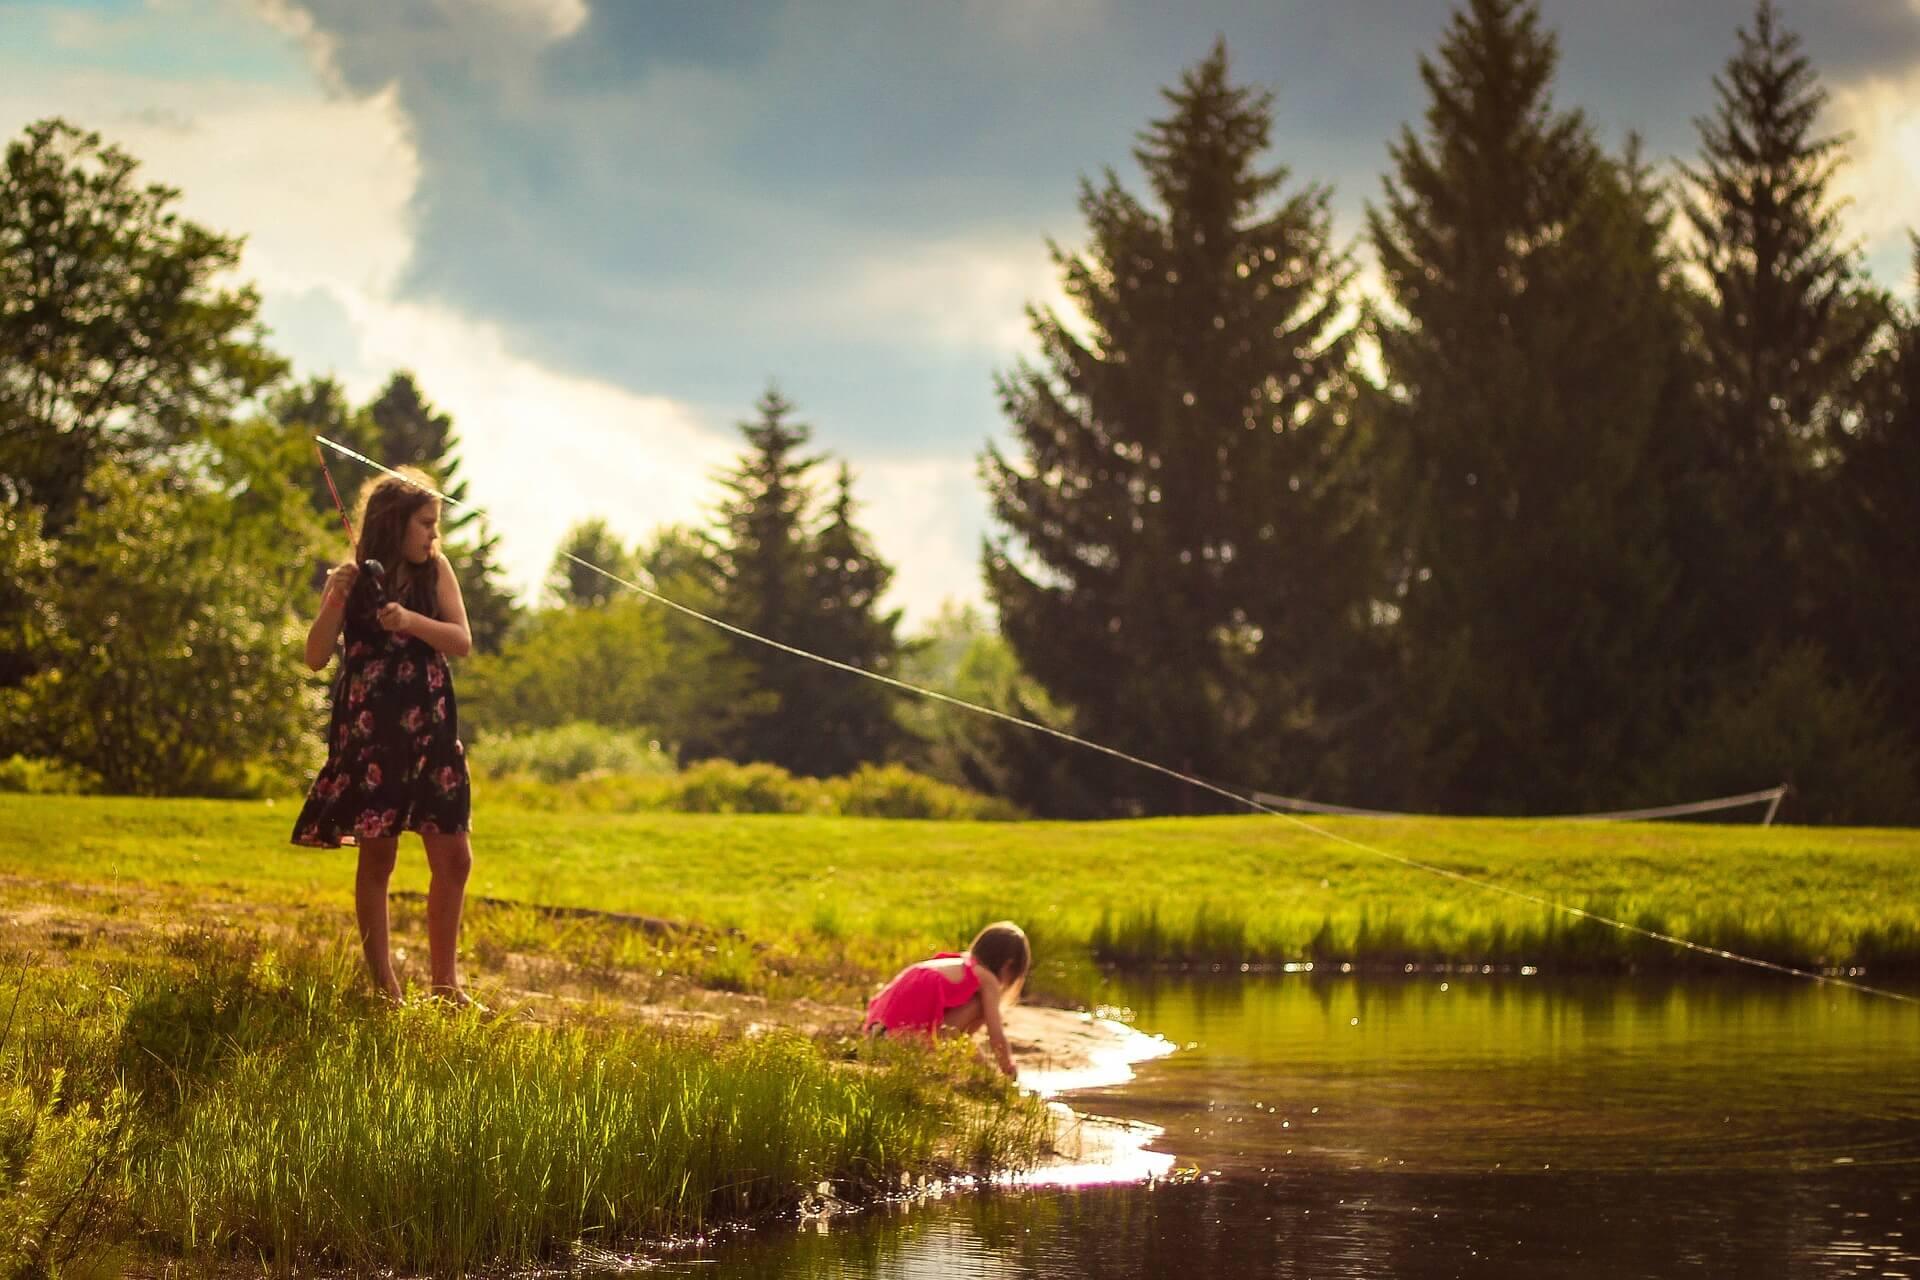 バス釣りにおけるマナー、エチケットとは。